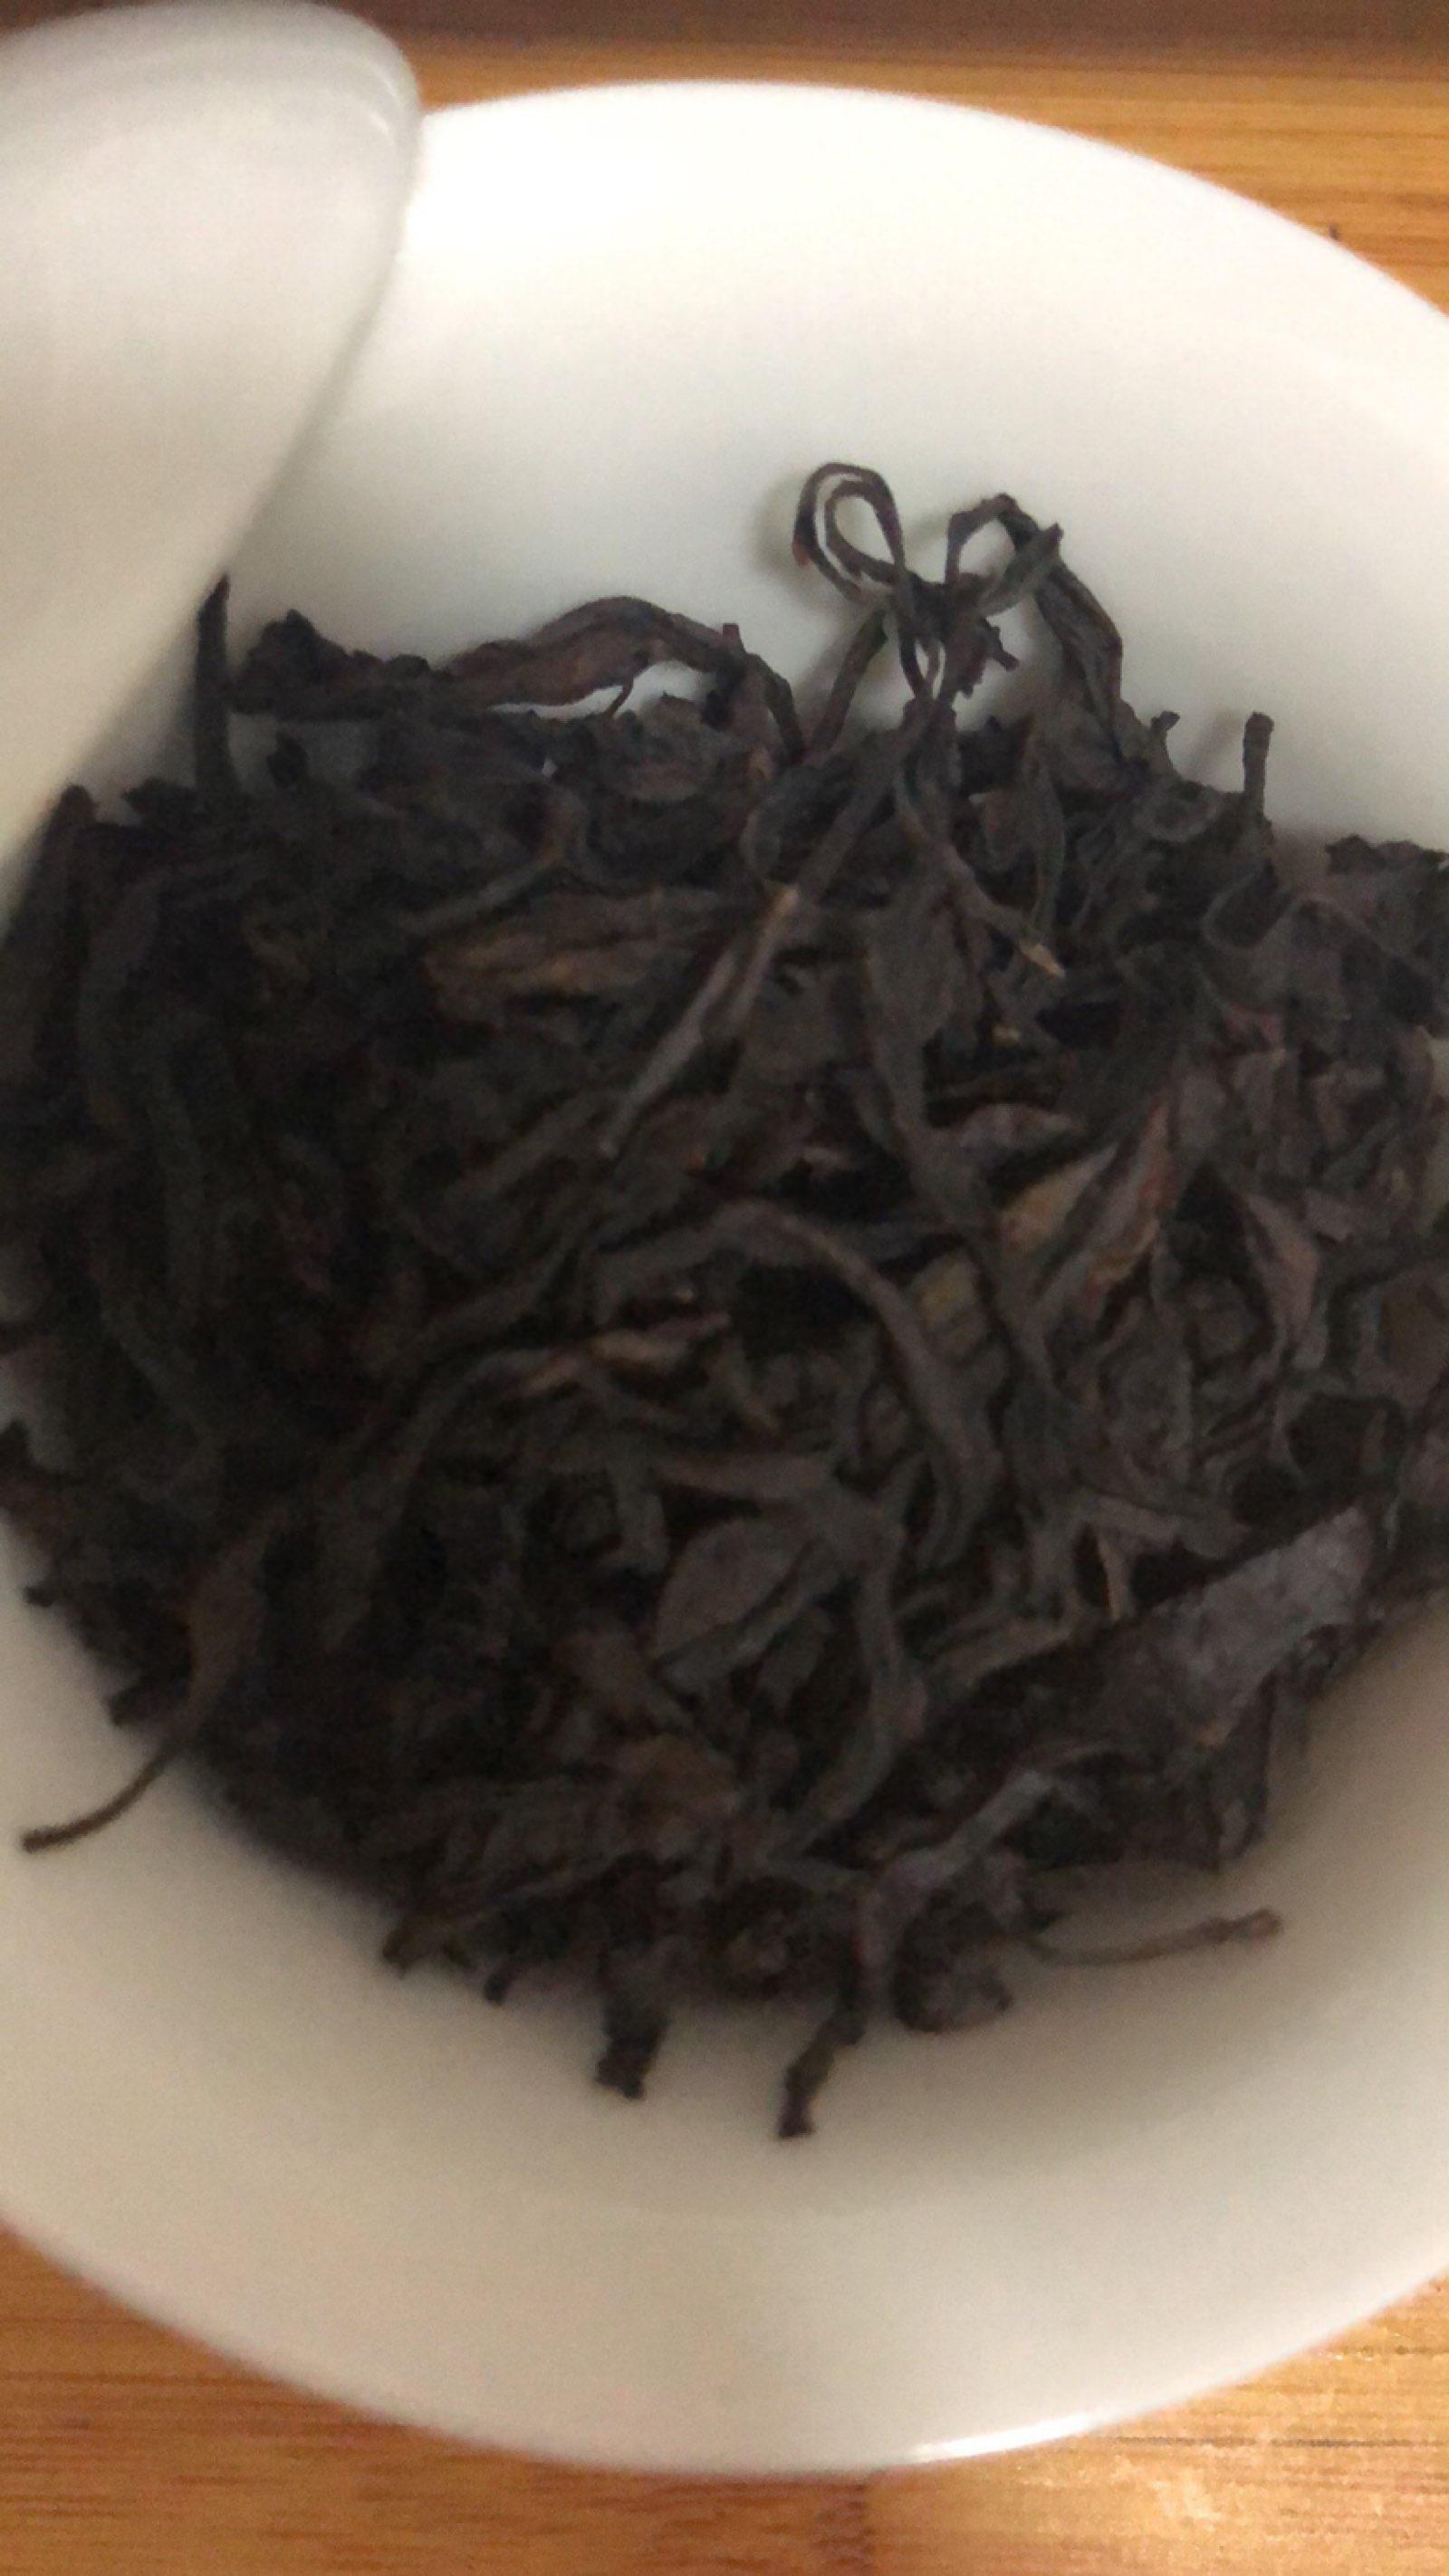 这个免费送的茶样怎么样?